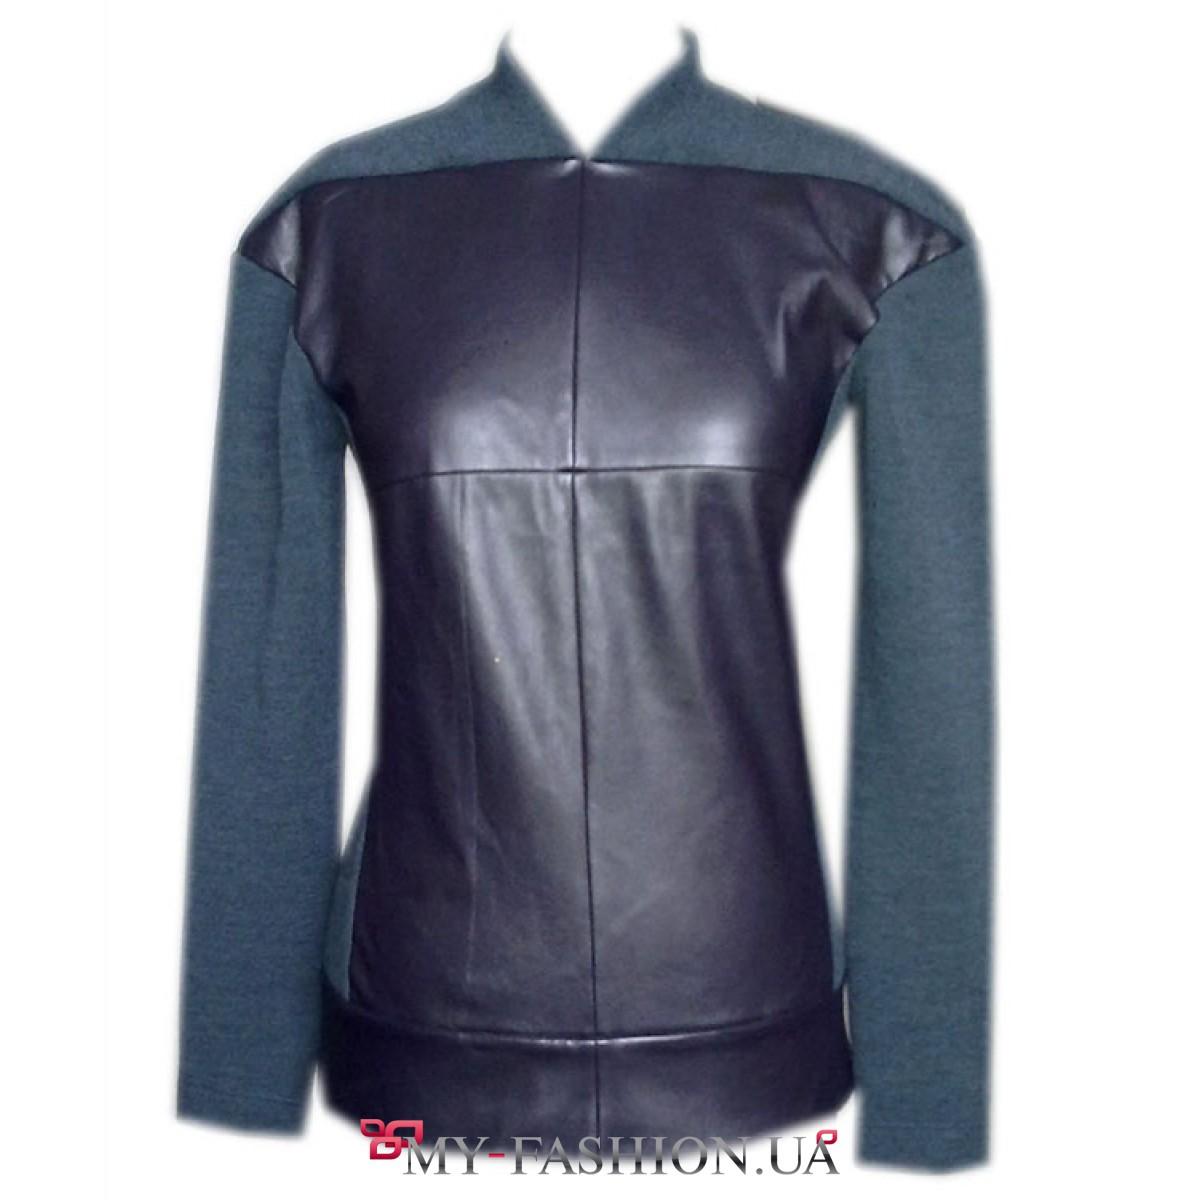 Купить блузку теплую